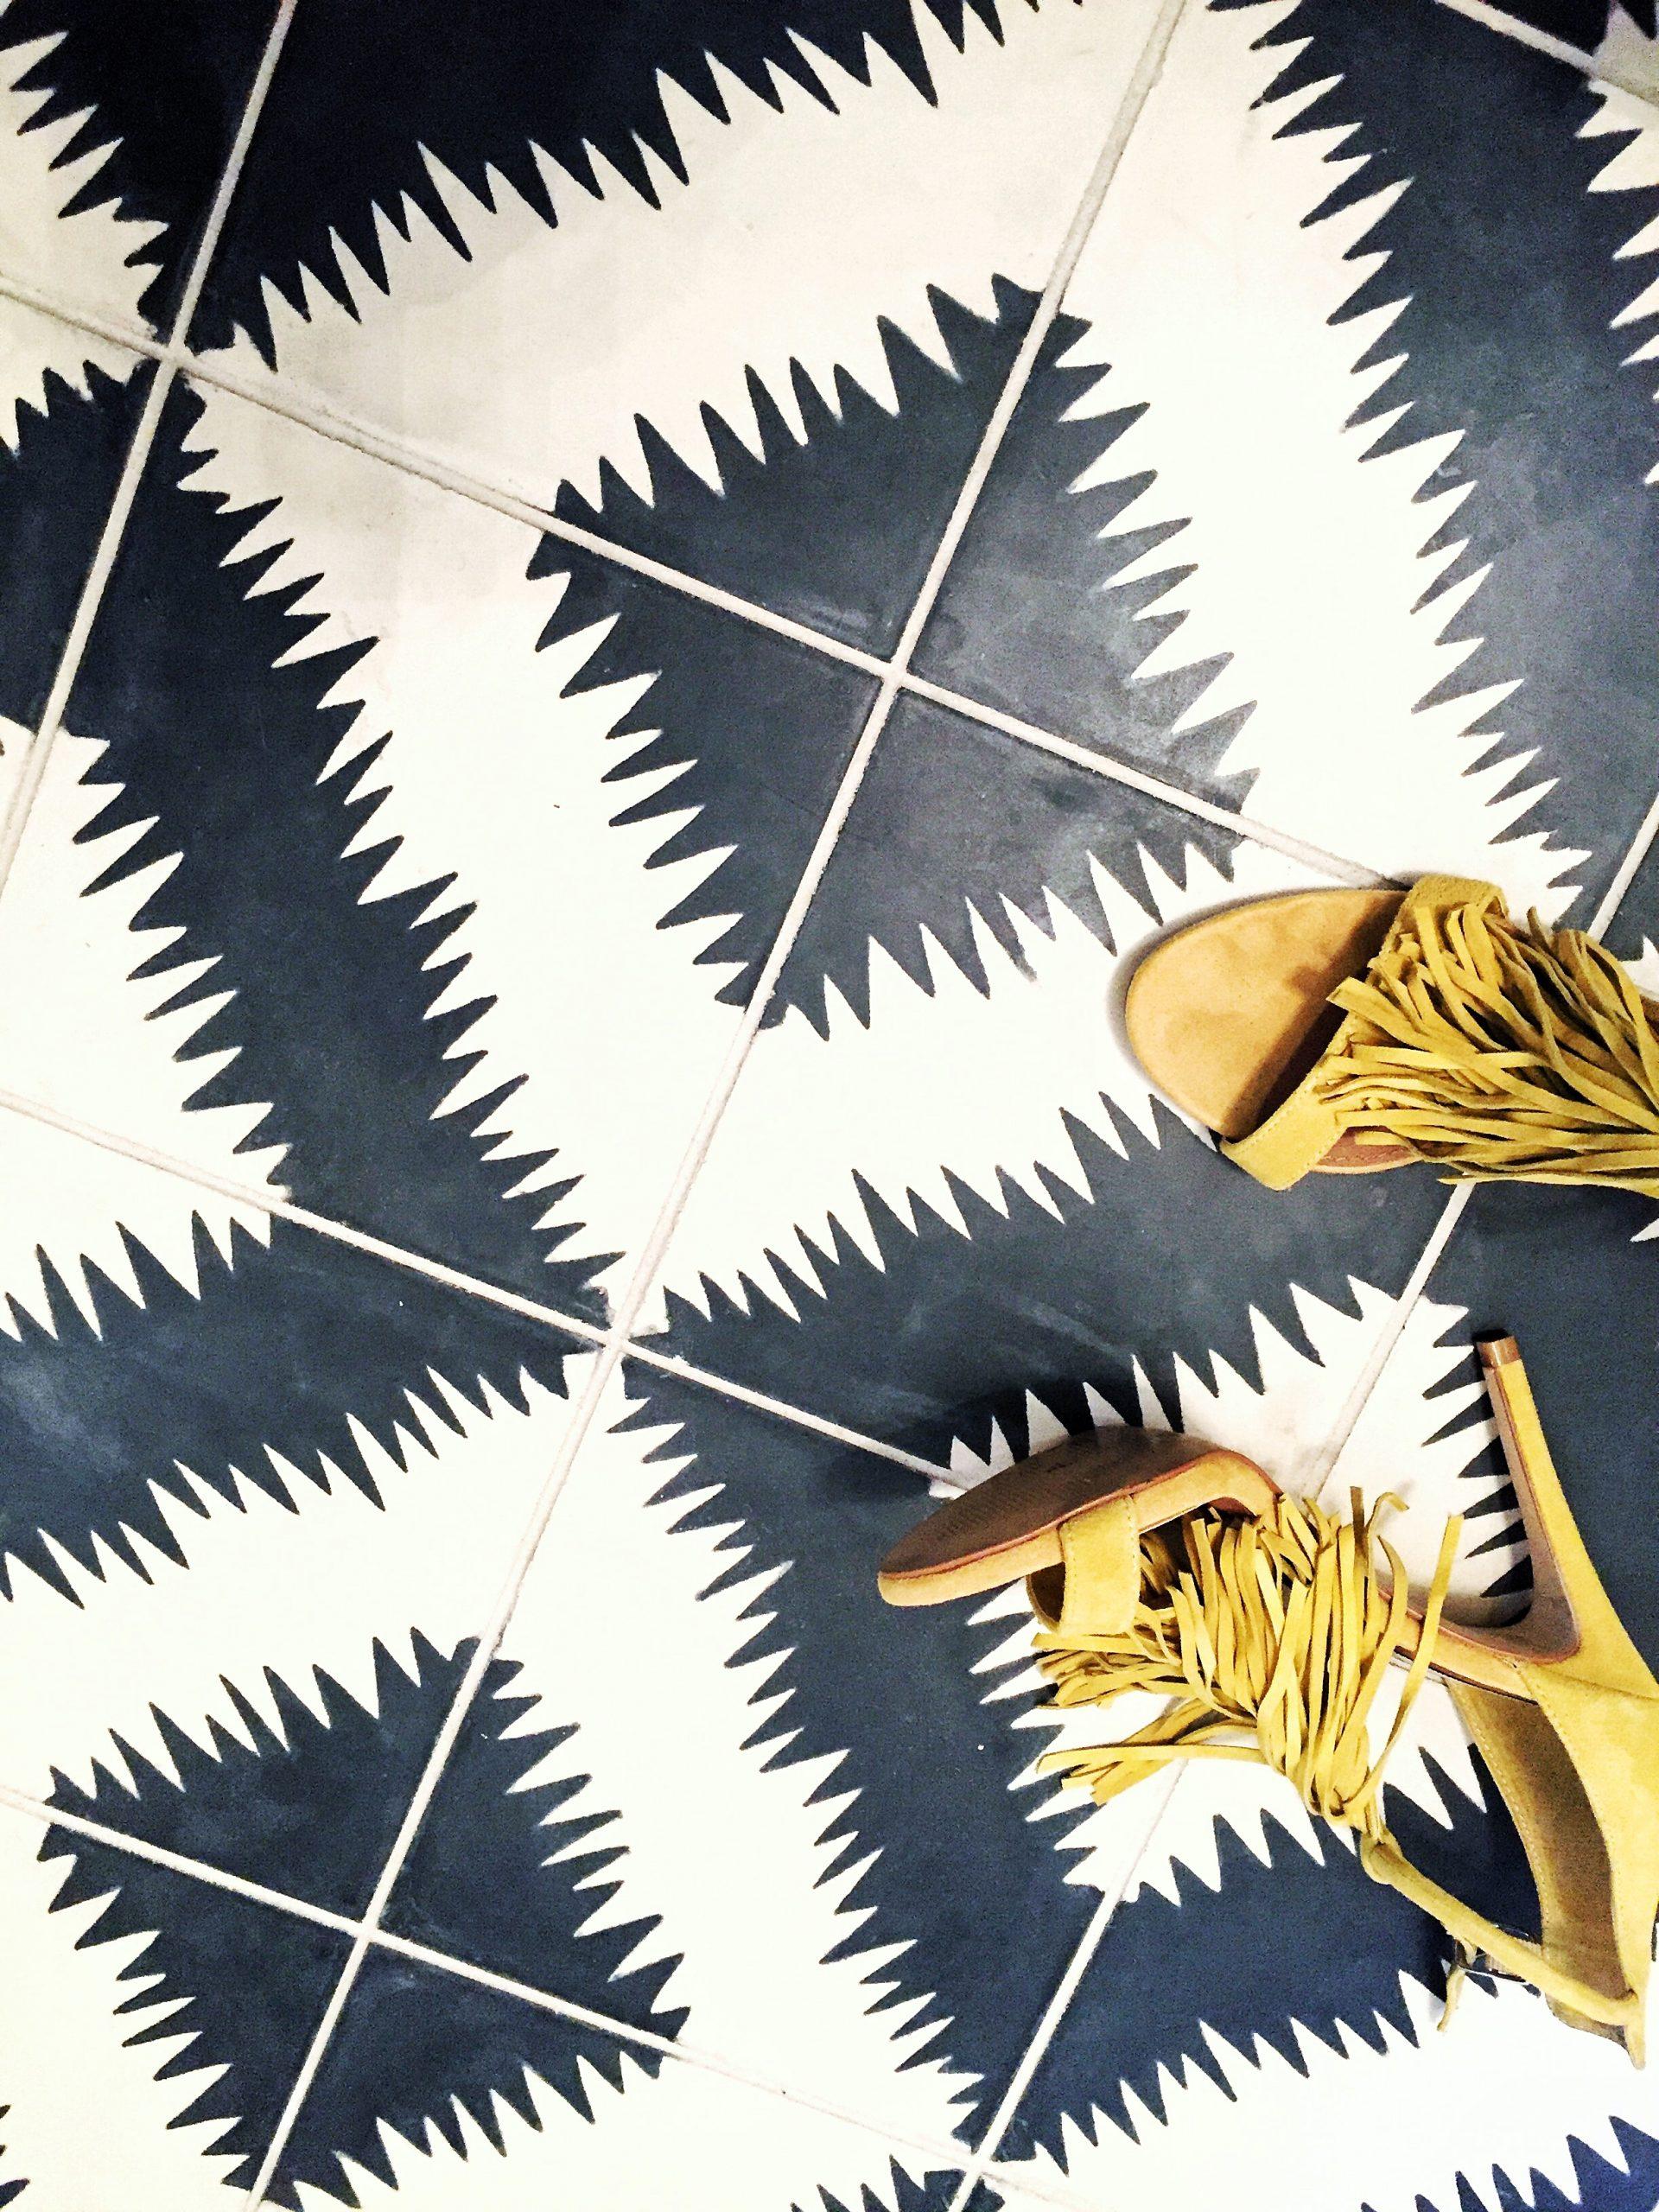 Ann Sacks Black and White Tile, Graphic Tile, Black and White Tiles, Concrete Tile, Modern Tile